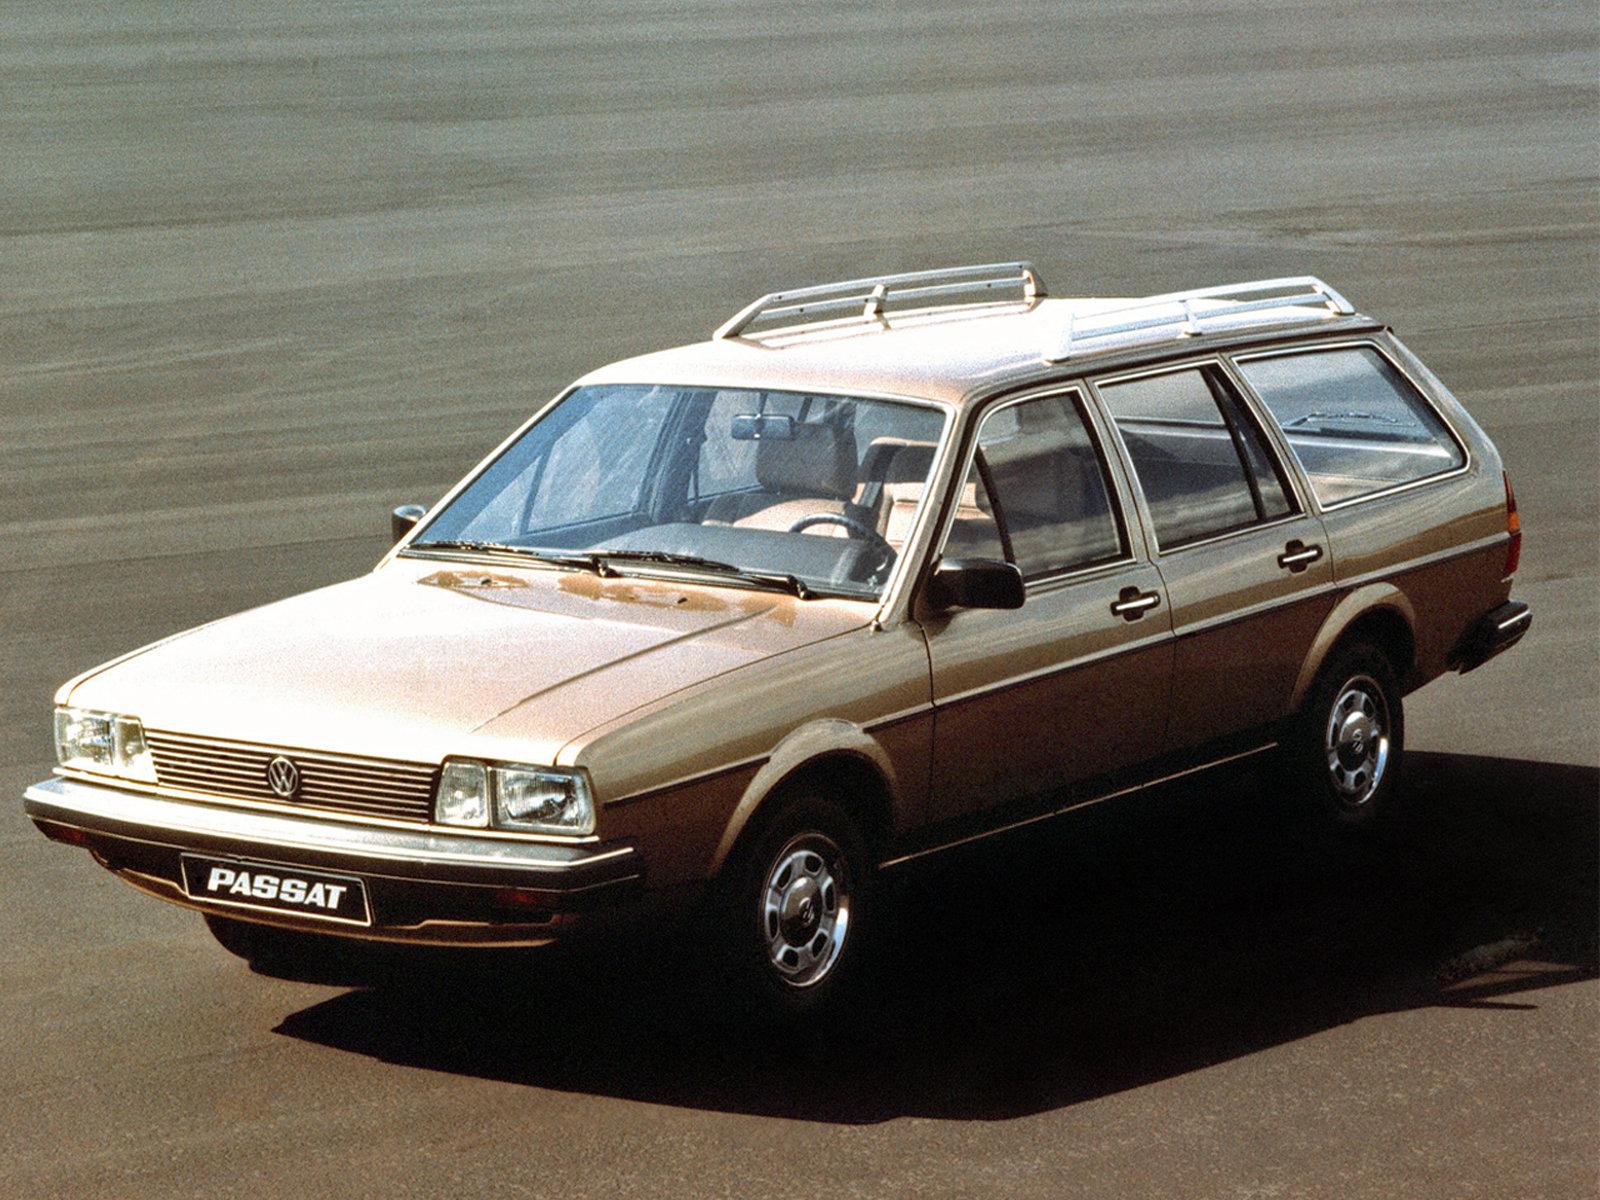 Volkswagen (Фольксваген) Passat Variant 1980-1981 г.